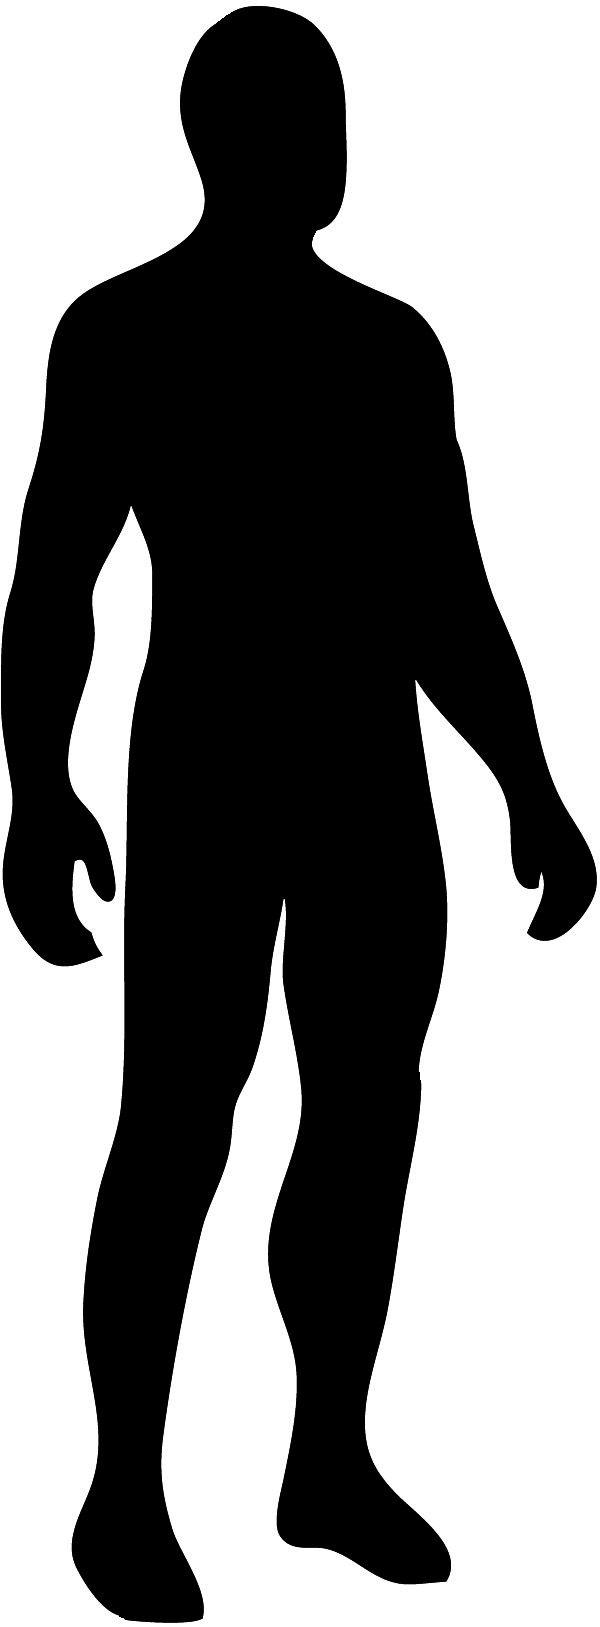 human silhouette clipart stams stencils masks pinterest rh pinterest com humana clip art human clipart head